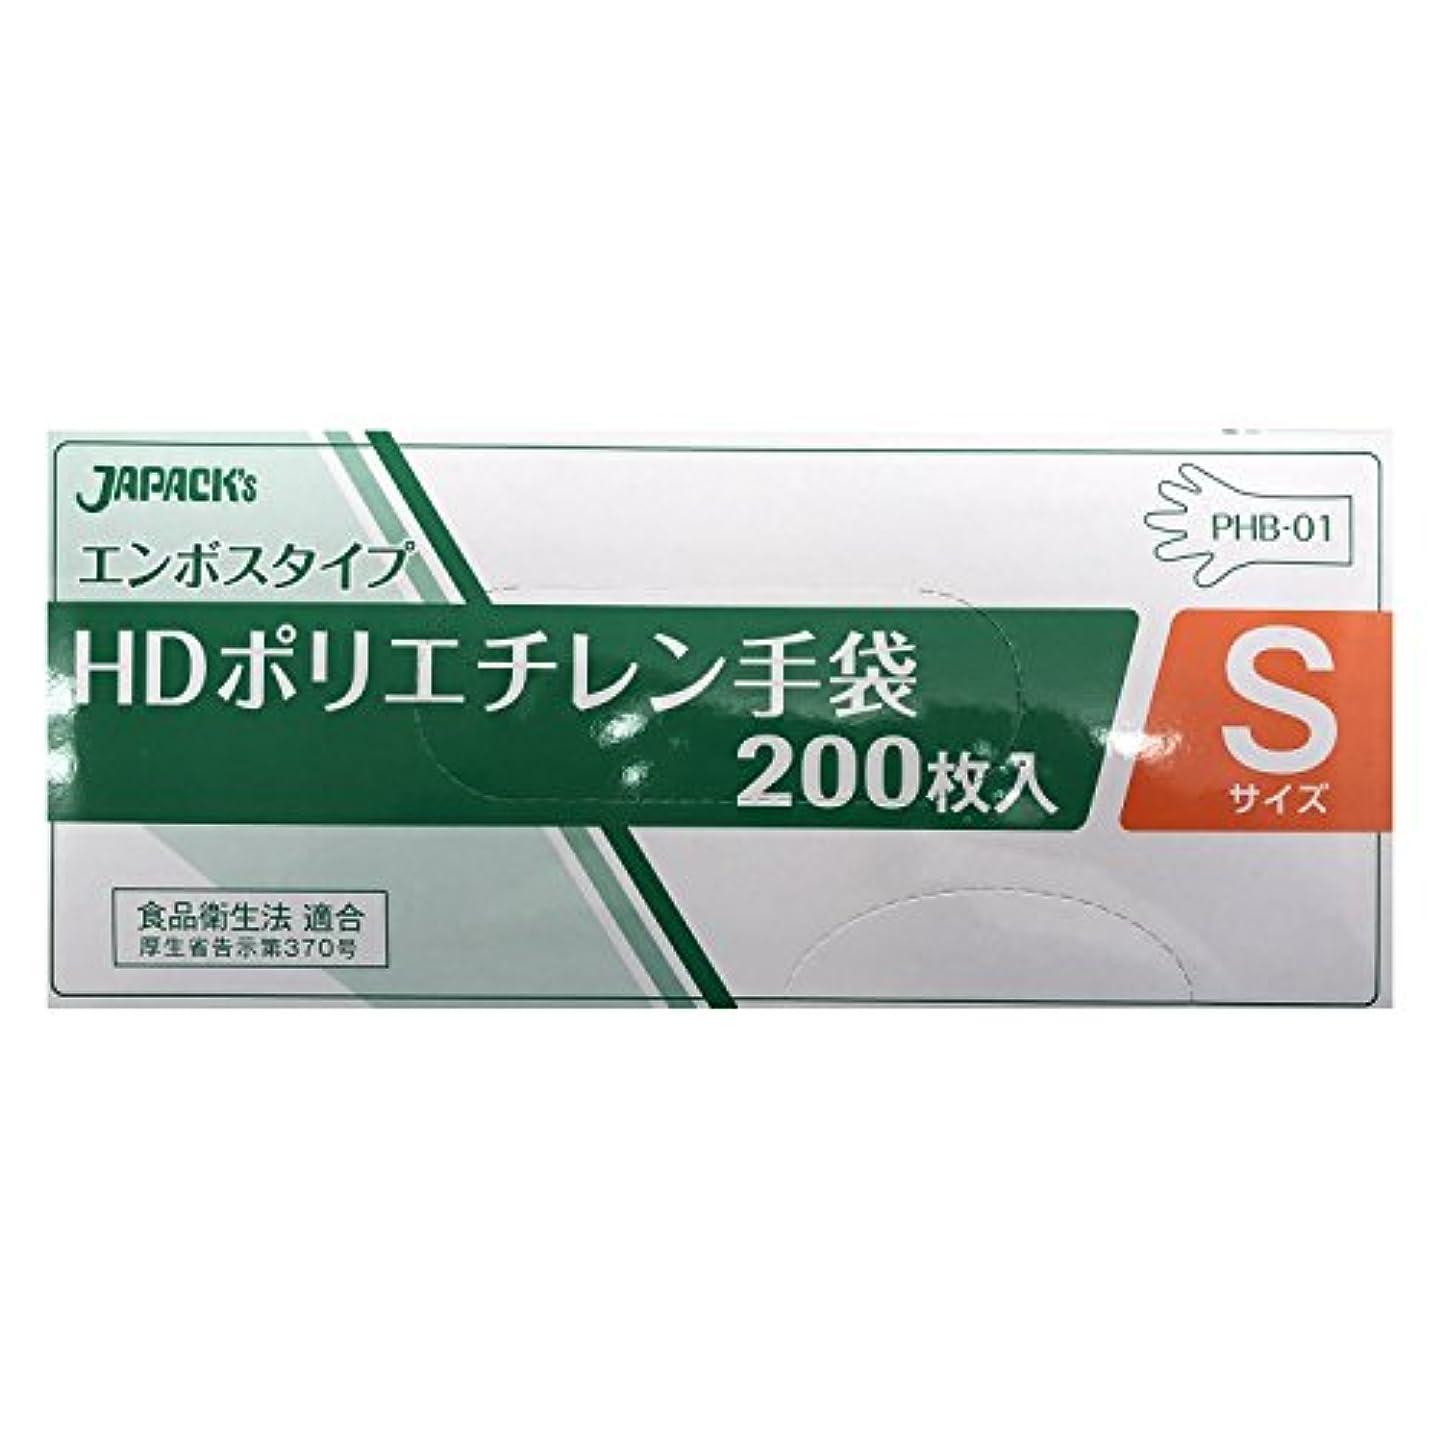 健全本物ママエンボスタイプ HDポリエチレン手袋 Sサイズ BOX 200枚入 無着色 PHB-01